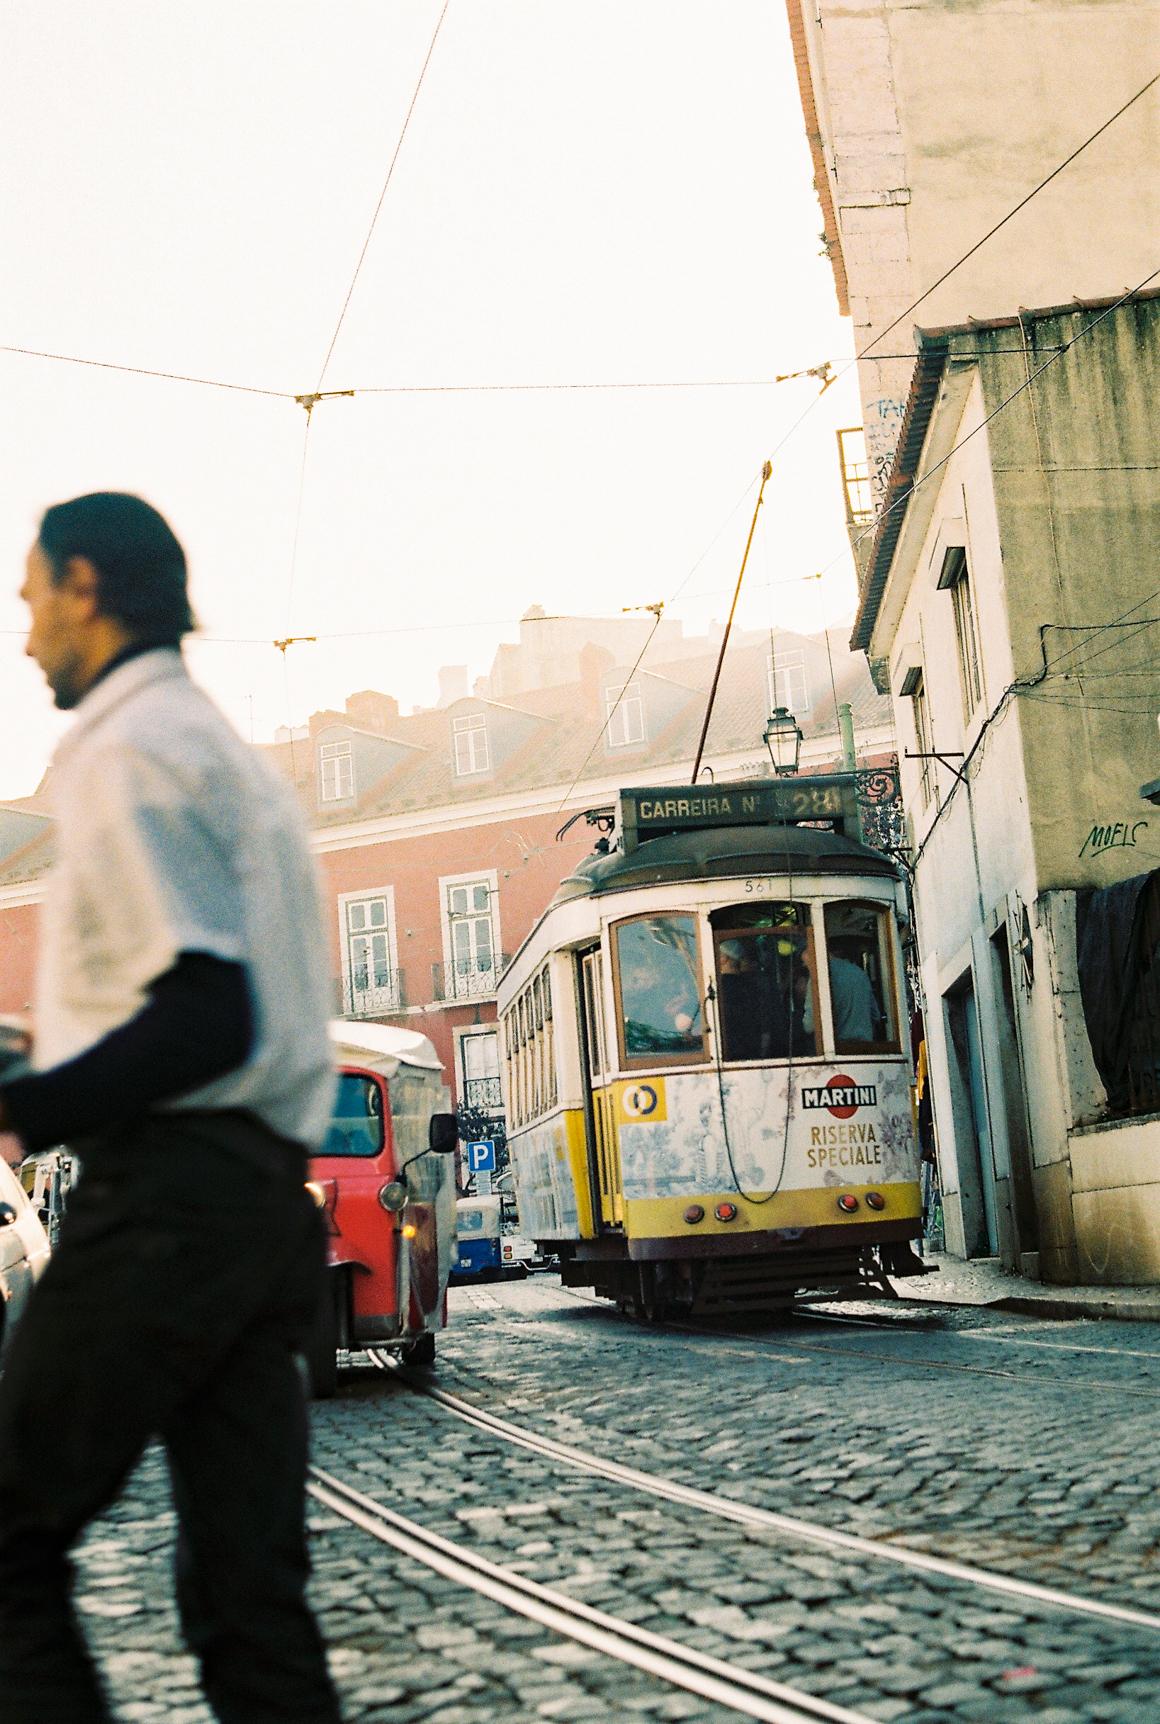 Lisbon on film